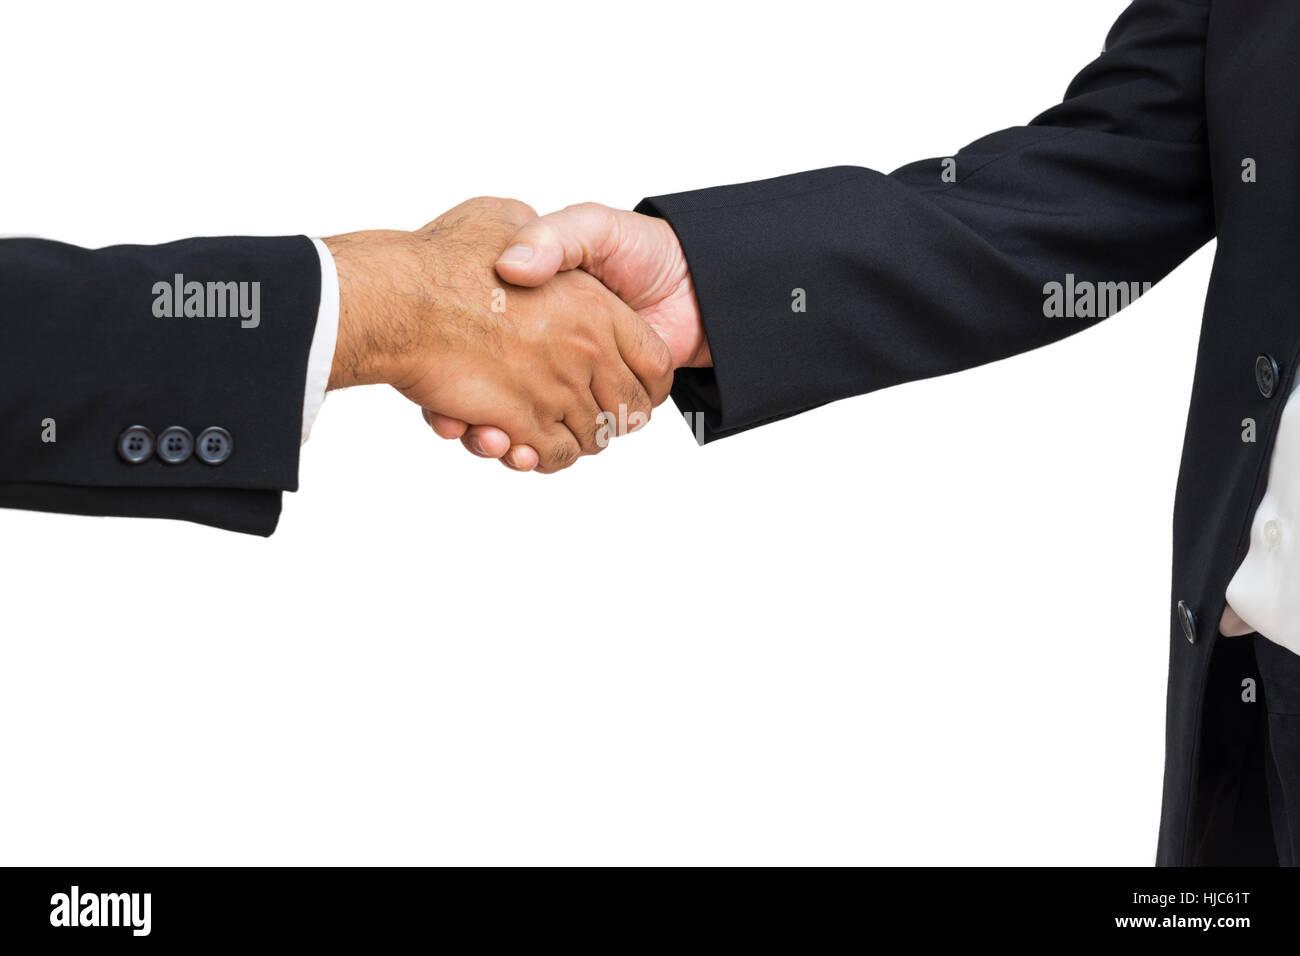 Escena de la agitación manual del empresario para el compromiso de aislar - se puede utilizar para mostrar Imagen De Stock